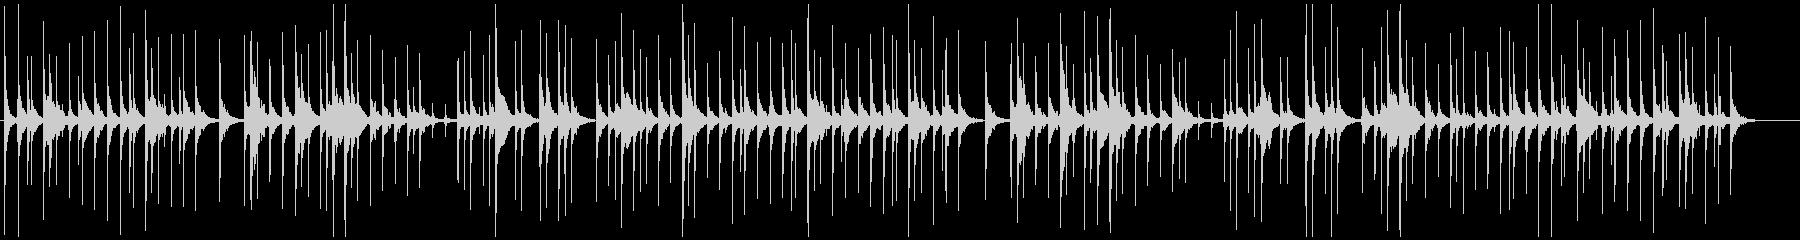 生の津軽三味線のバラード系民謡独奏の未再生の波形